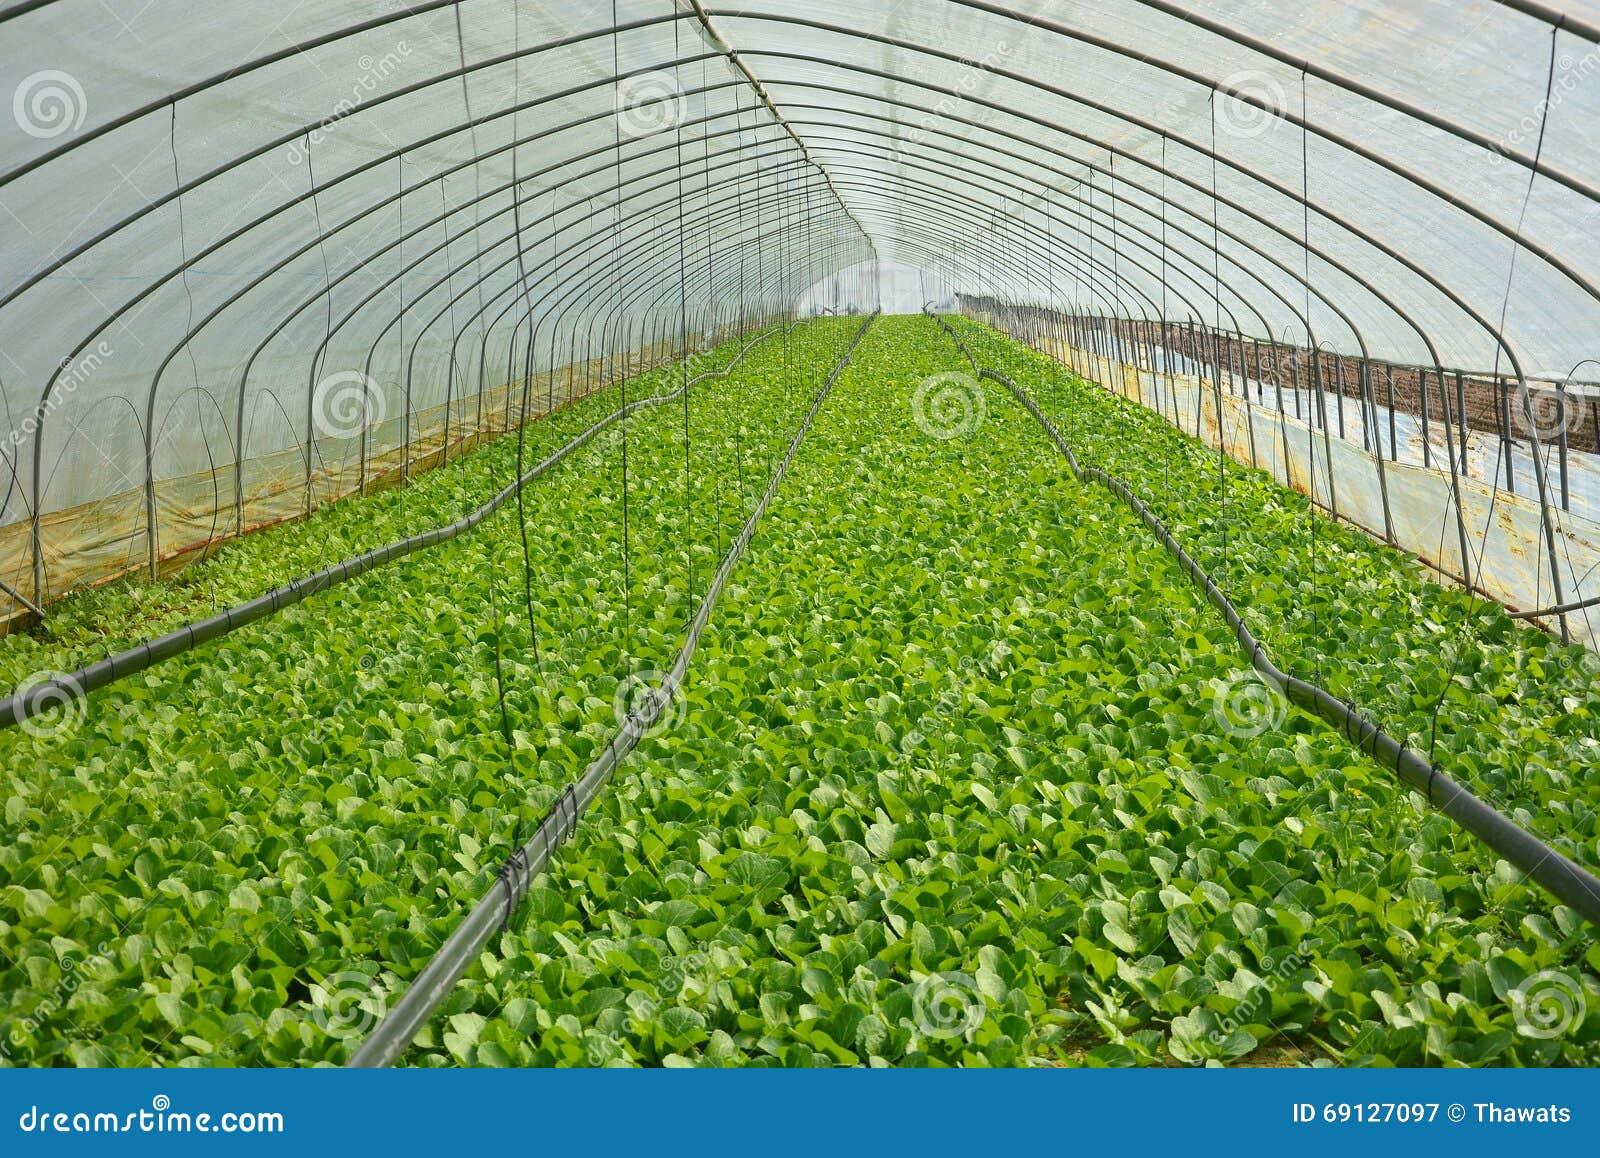 Coltivazione della bietola in una serra fotografia stock for Planimetrie della serra